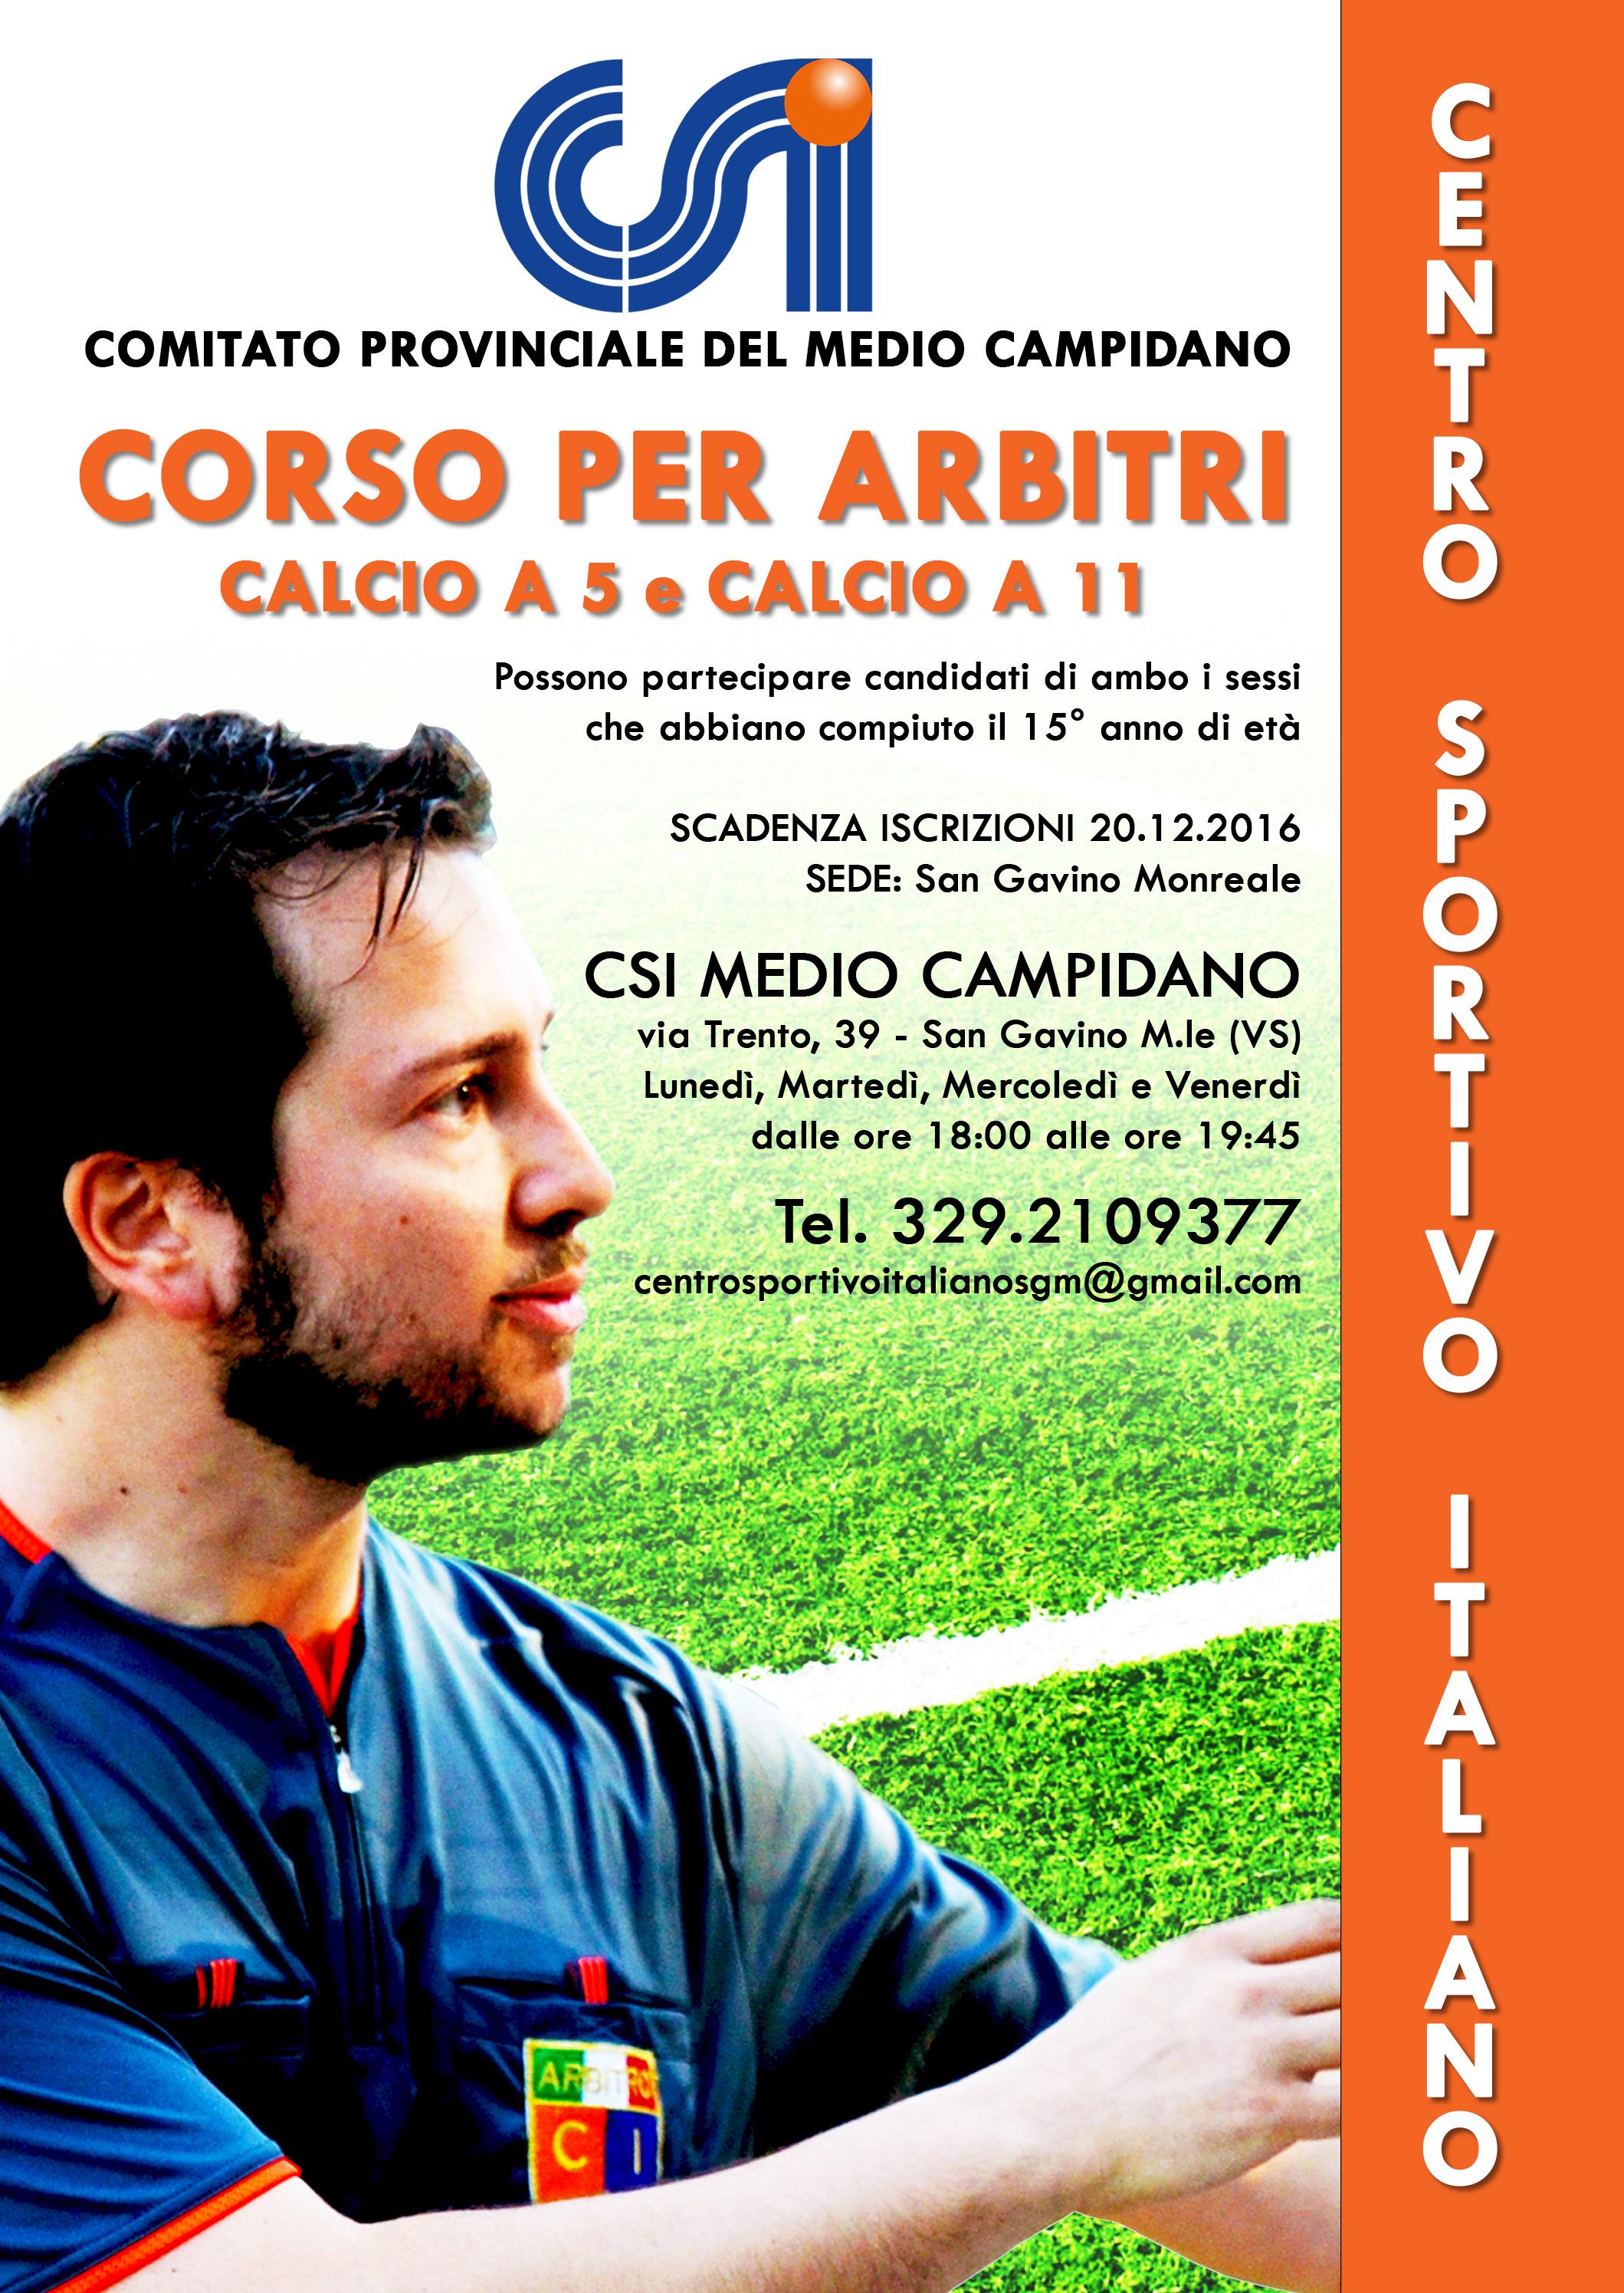 Corso per Arbitri di Calcio a 5 e Calcio a 11